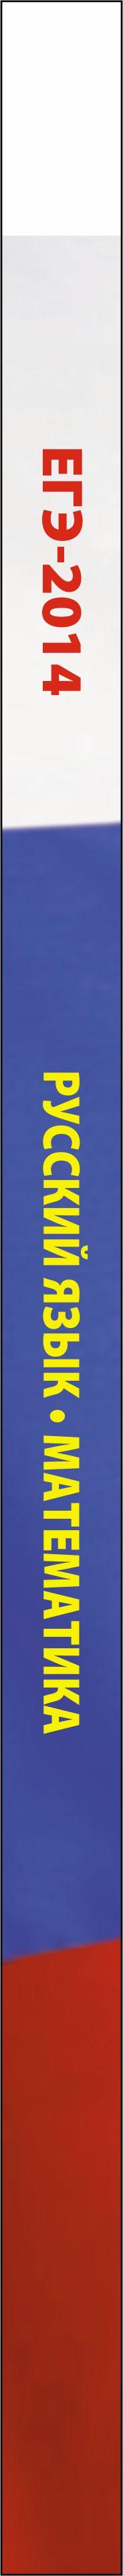 Русский язык. Математика. ЕГЭ-2014. Самое полное издание типовых вариантов заданий